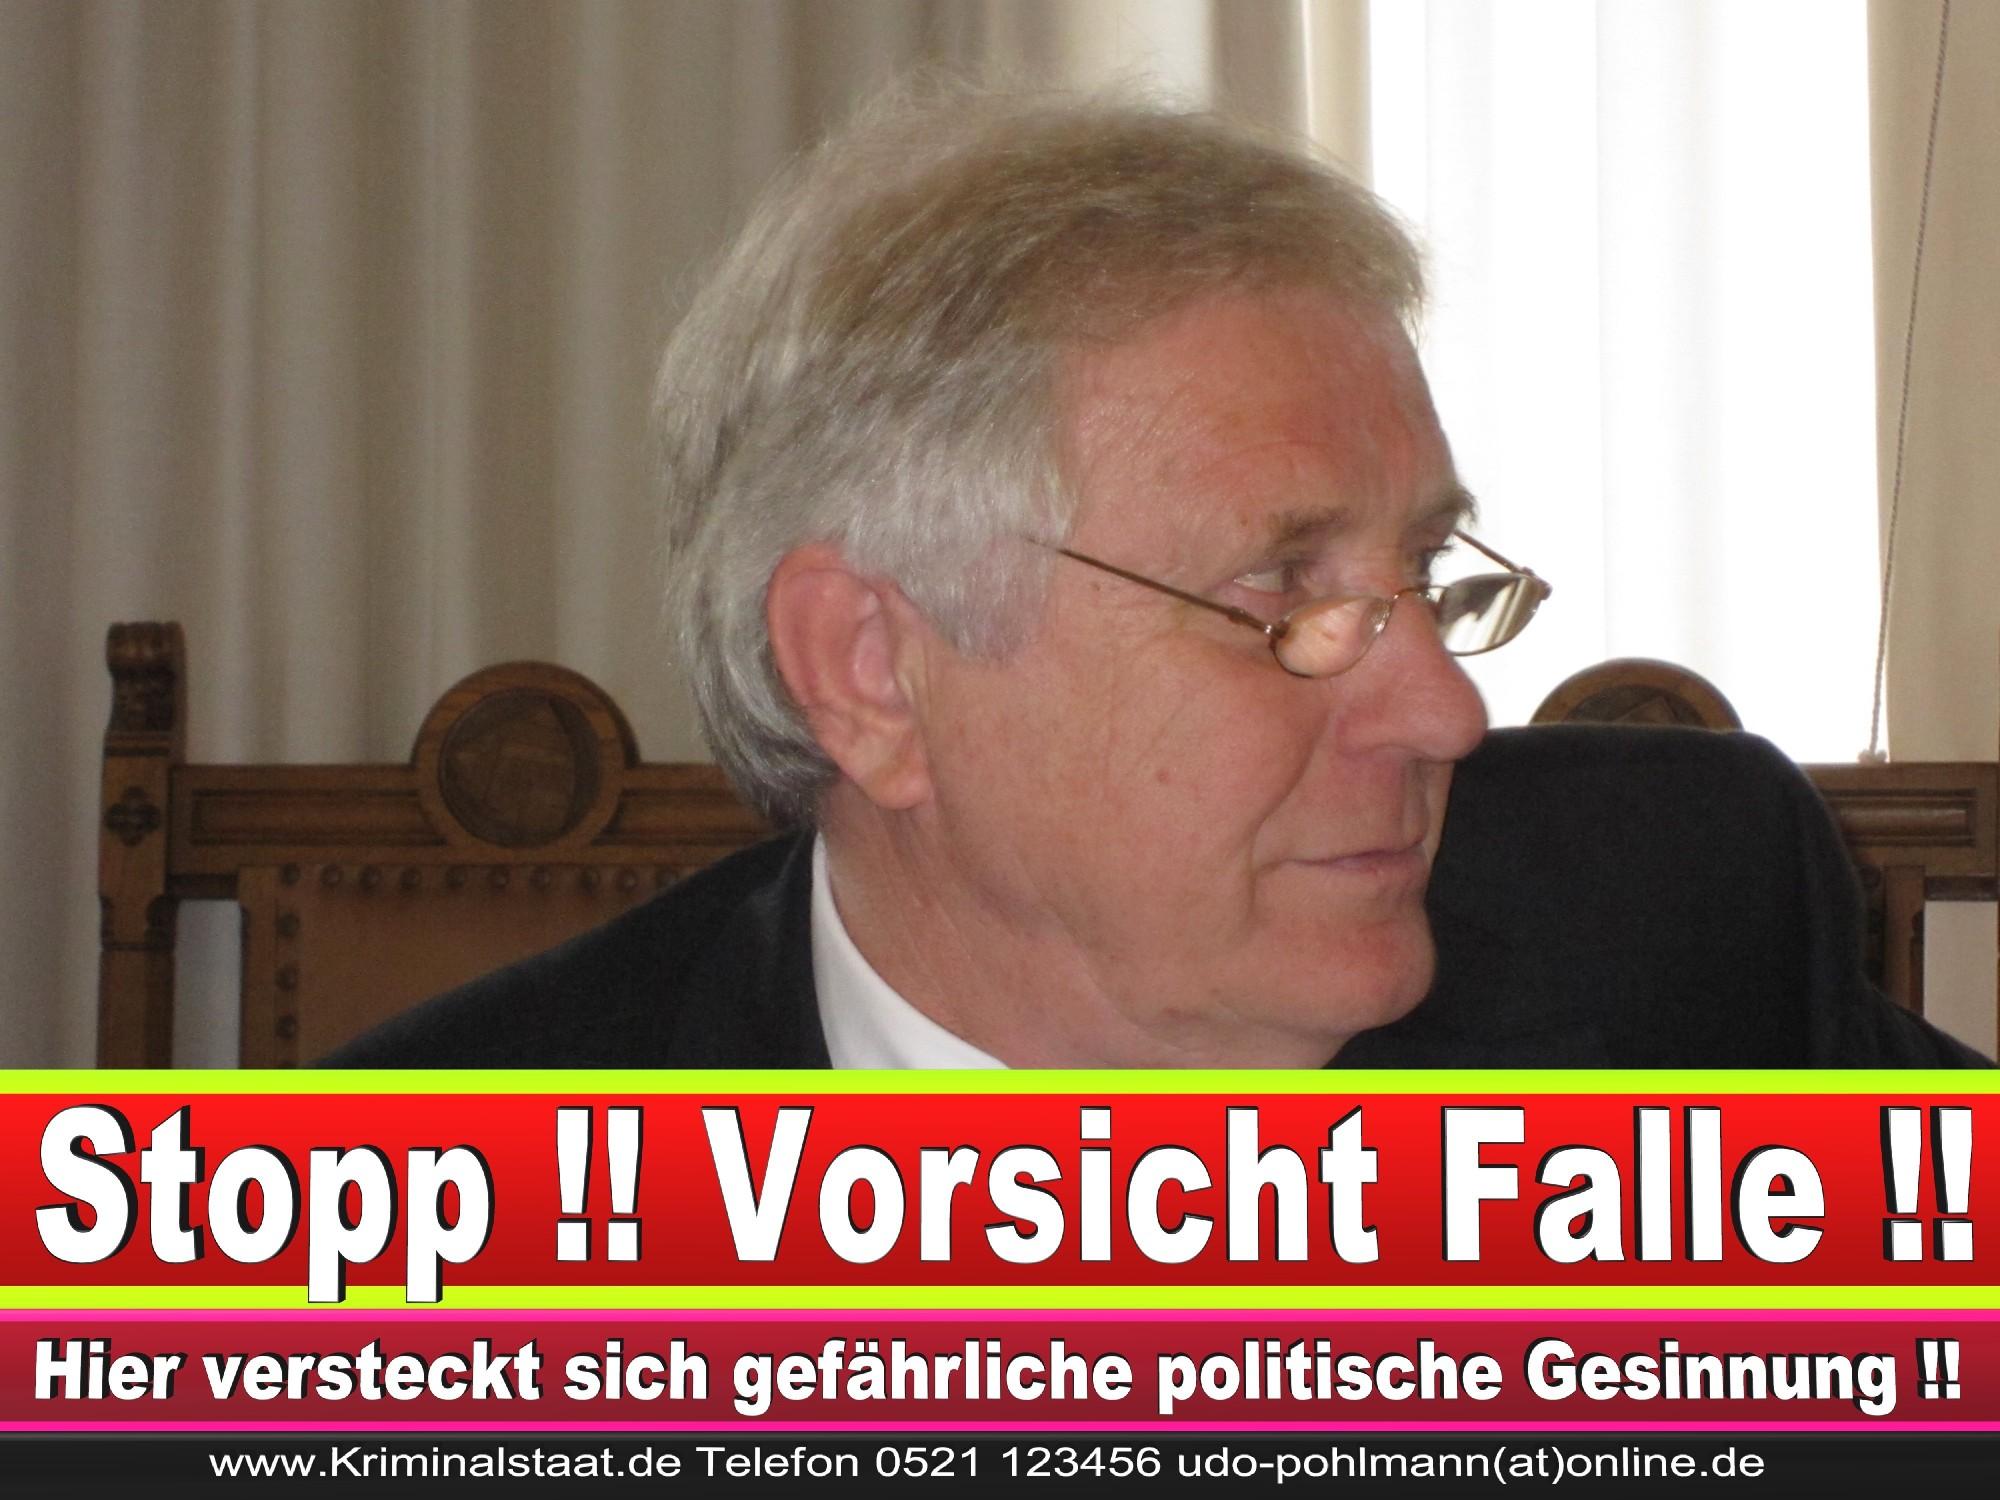 Polizeipräsident Erwin Südfeld Bielefeld Oberbürgermeister Bürgermeister Peter Clausen Pit Clausen Bielefeld (12)